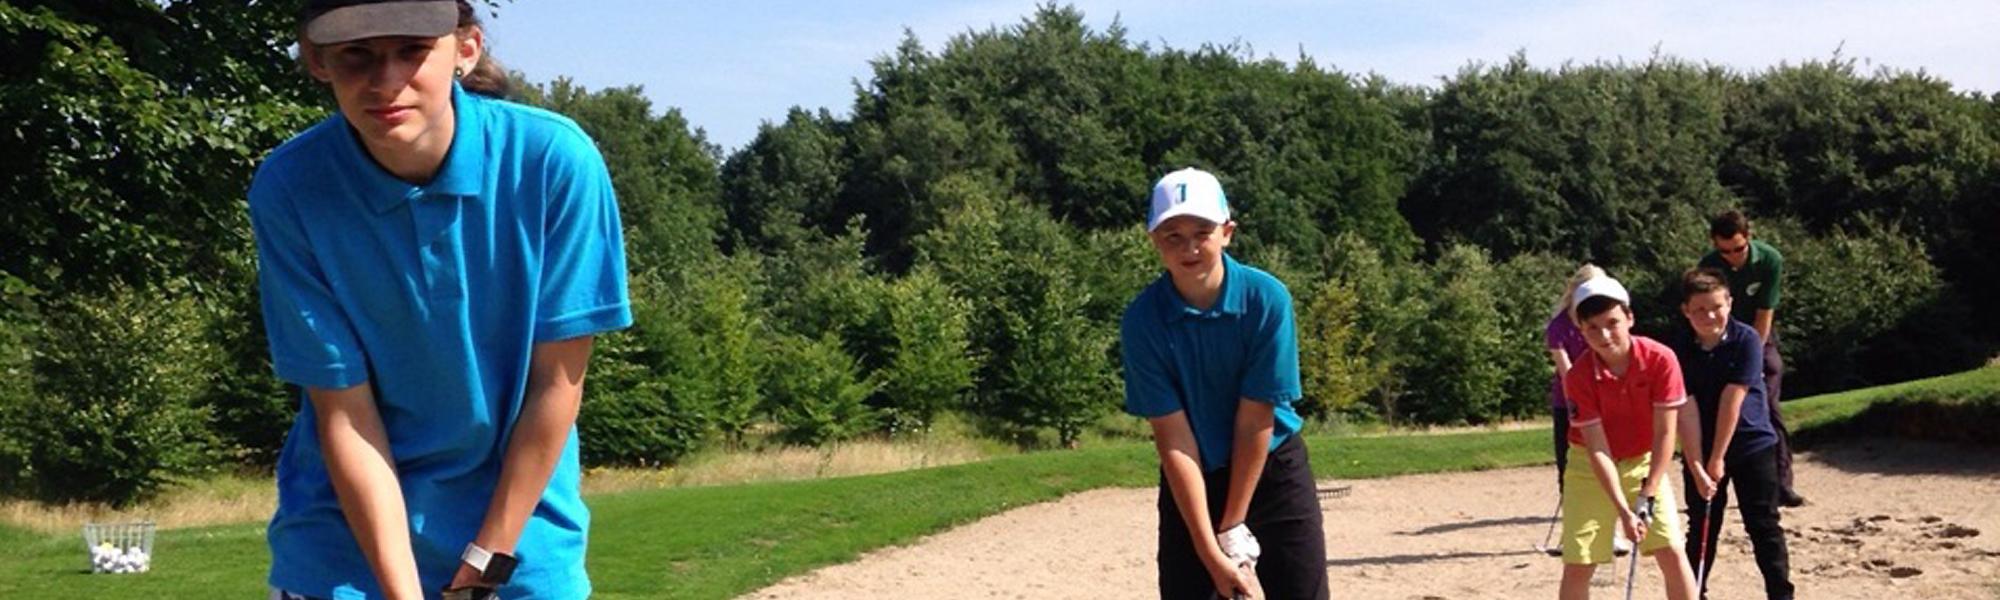 Jugend Golfclub Werl